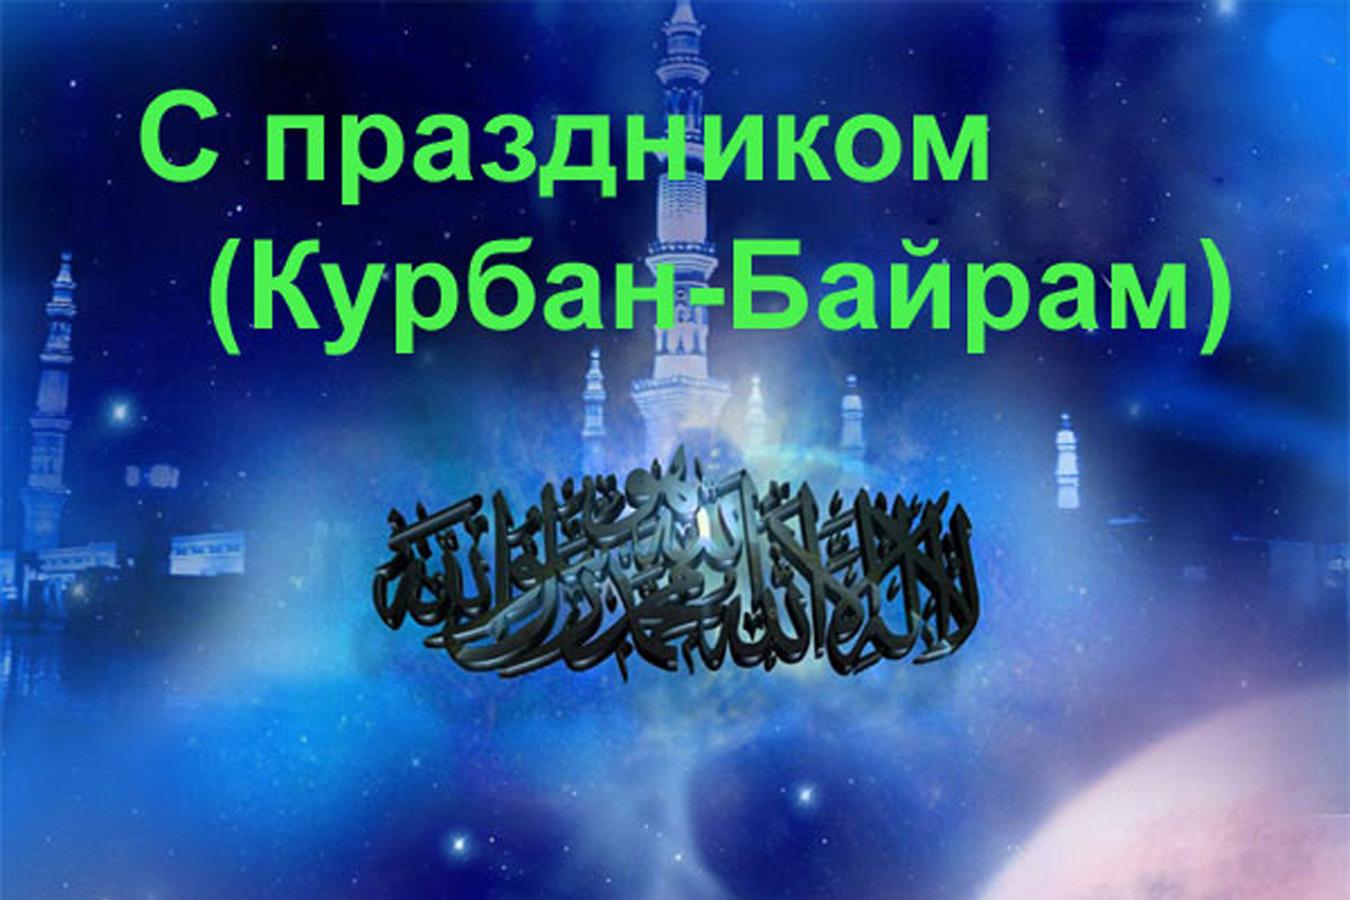 Курбан байрам поздравления на лезгинском